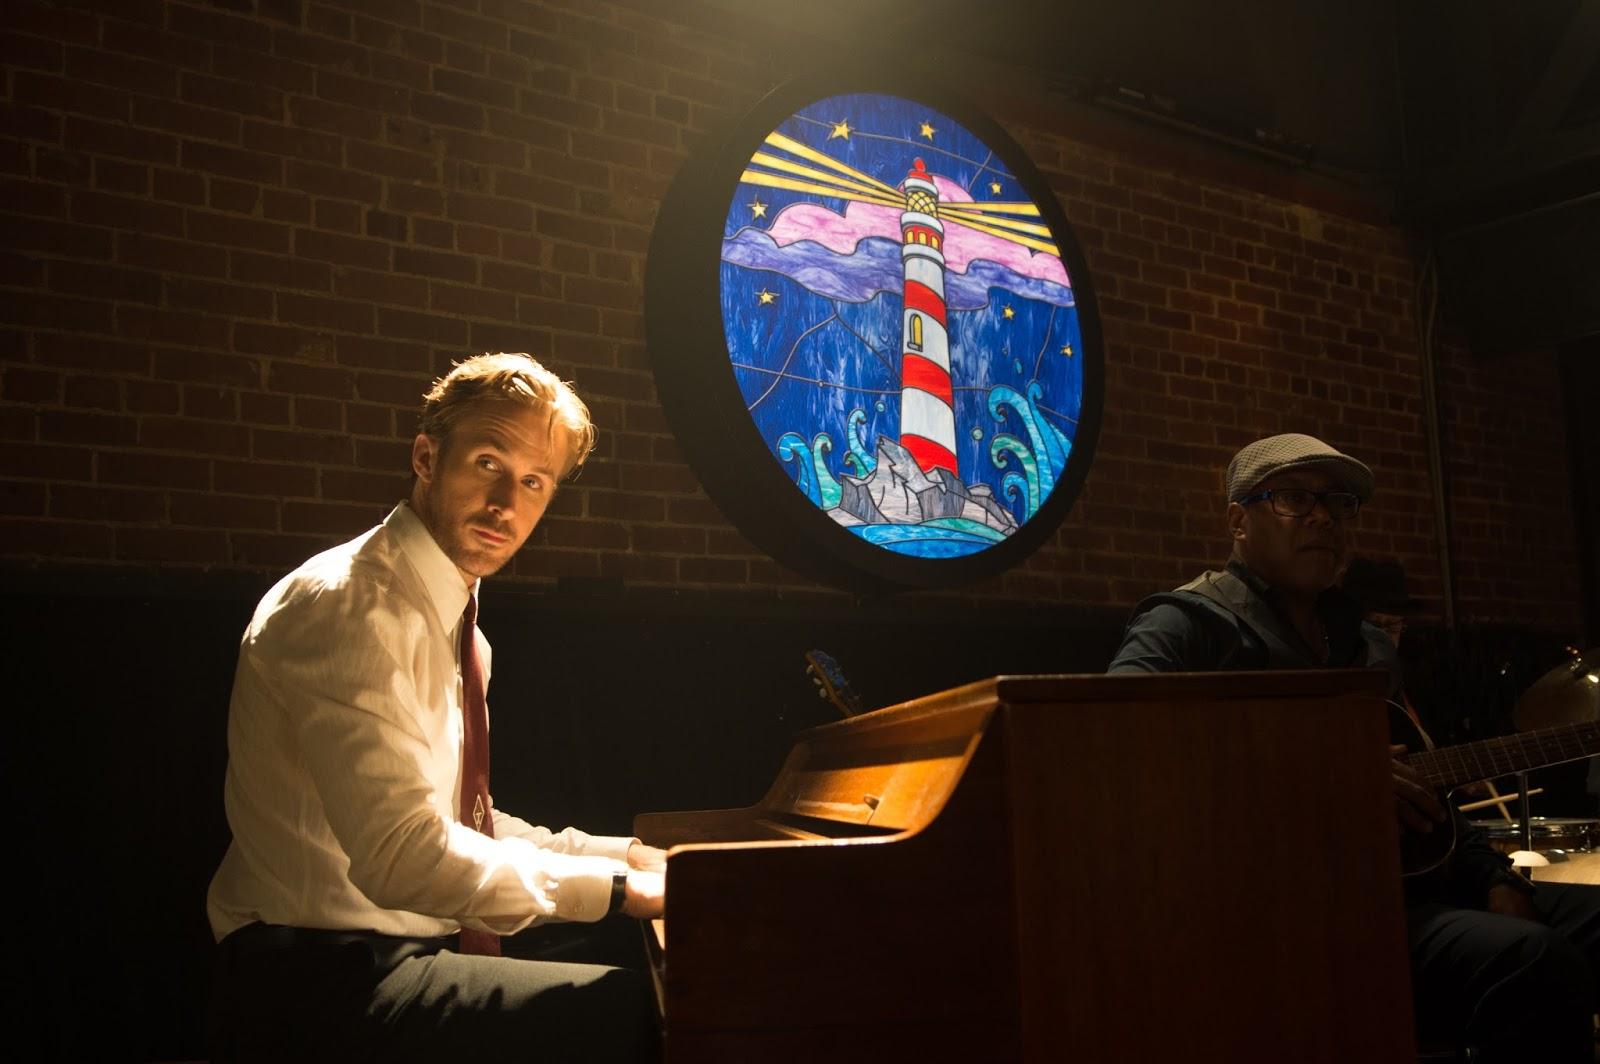 Ryan Gosling tocando el piano en LaLaland